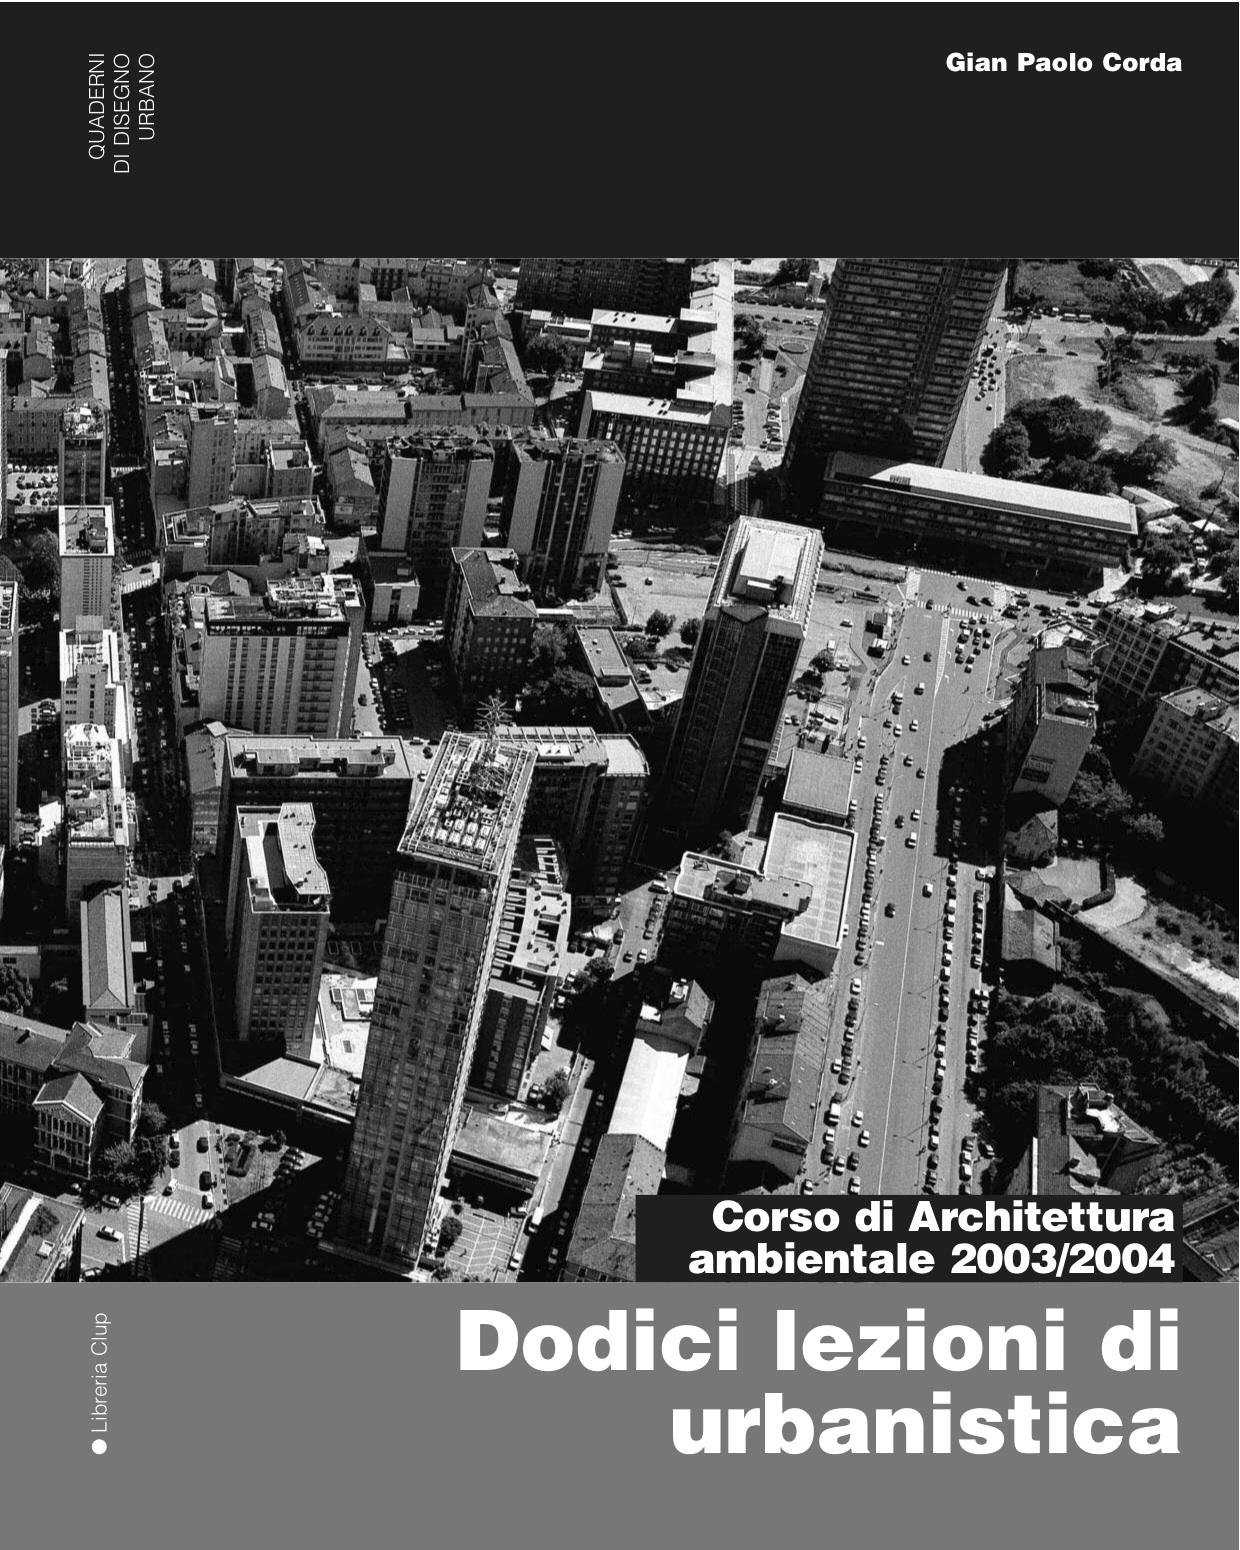 Dodici lezioni di urbanistica